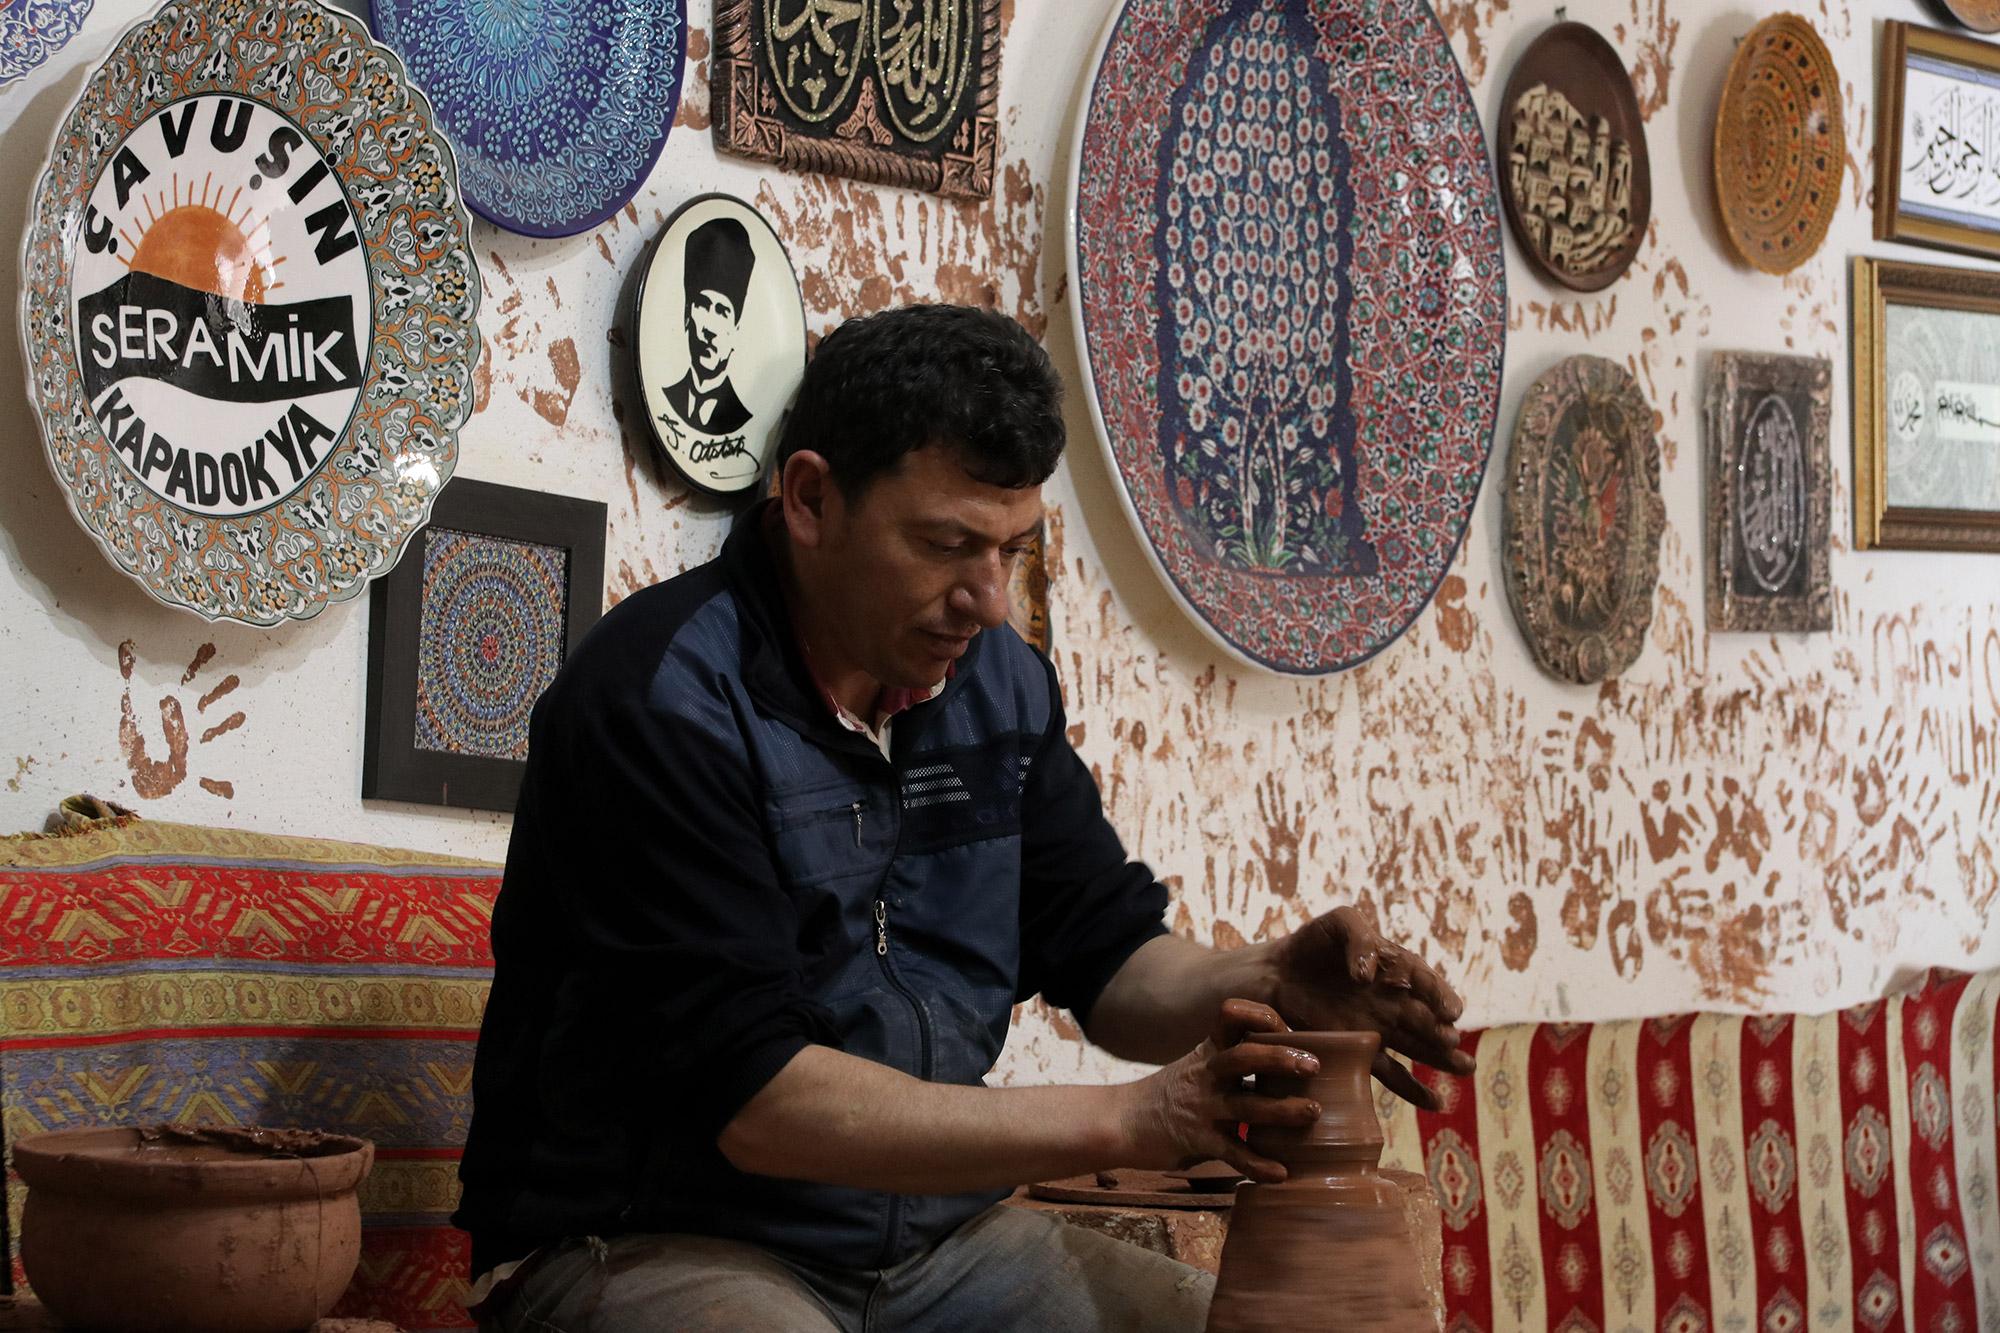 Turkije reisverslag: Terug in Cappadocië - Potterij